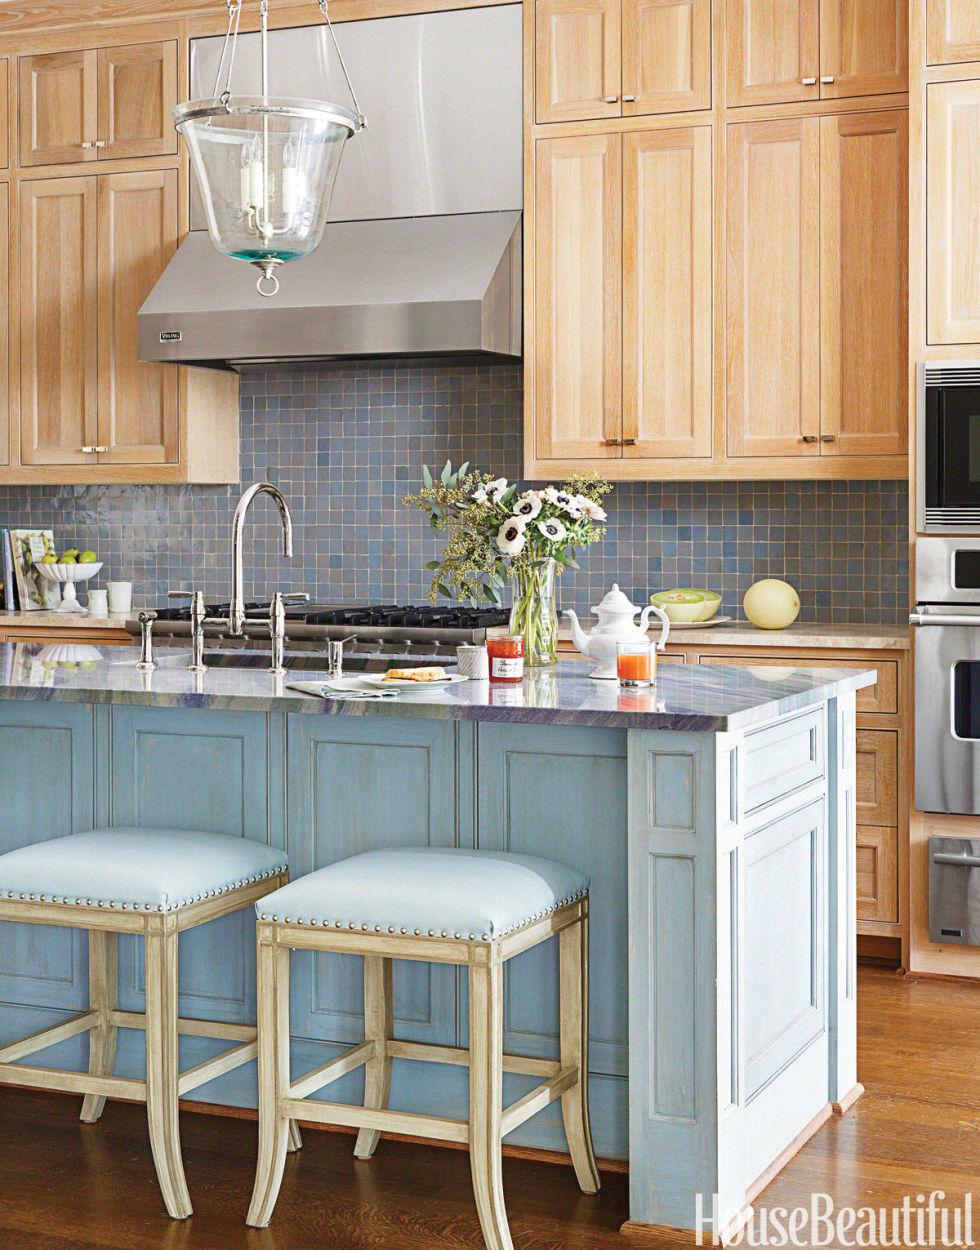 backsplash design ideas backsplash design ideas kitchen kitchen interior design kitchen backsplashes interior design nj